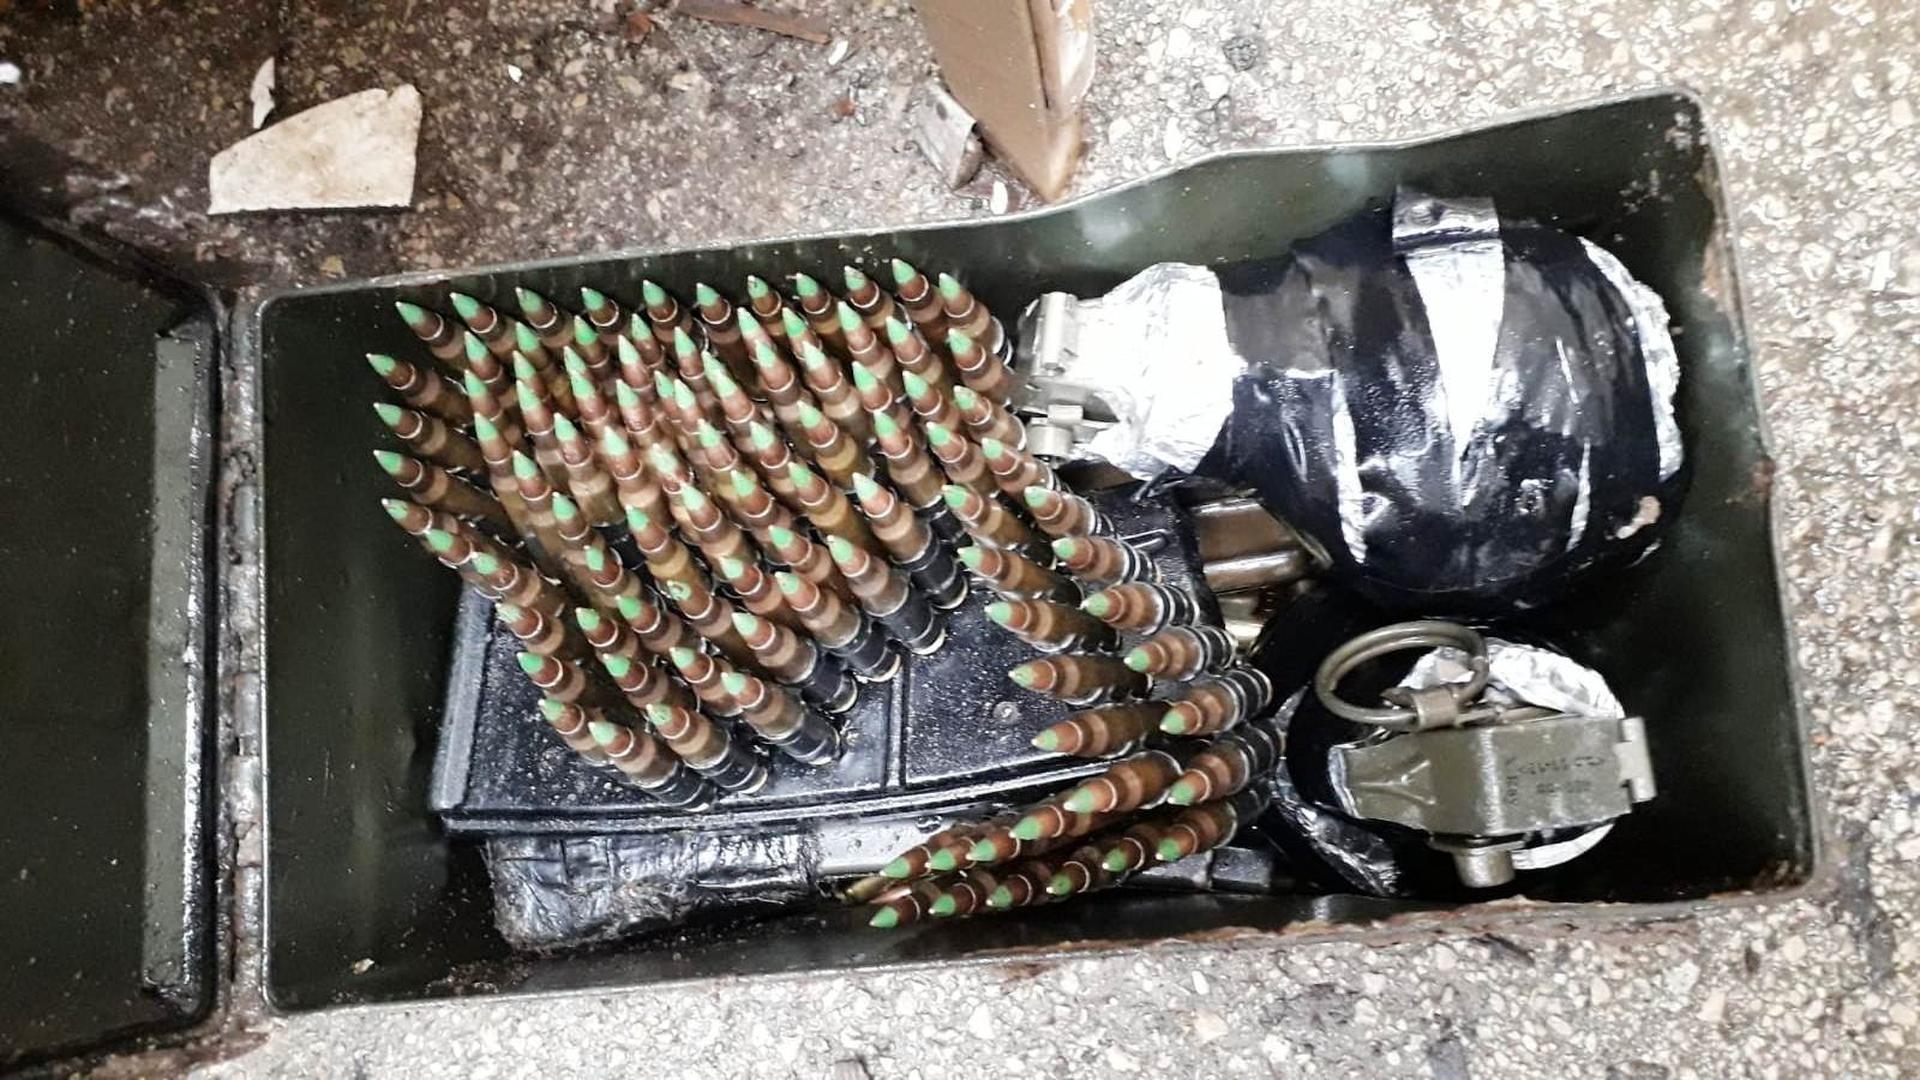 נשקים שנתפסו. צילום: דוברות משטרת ישראל